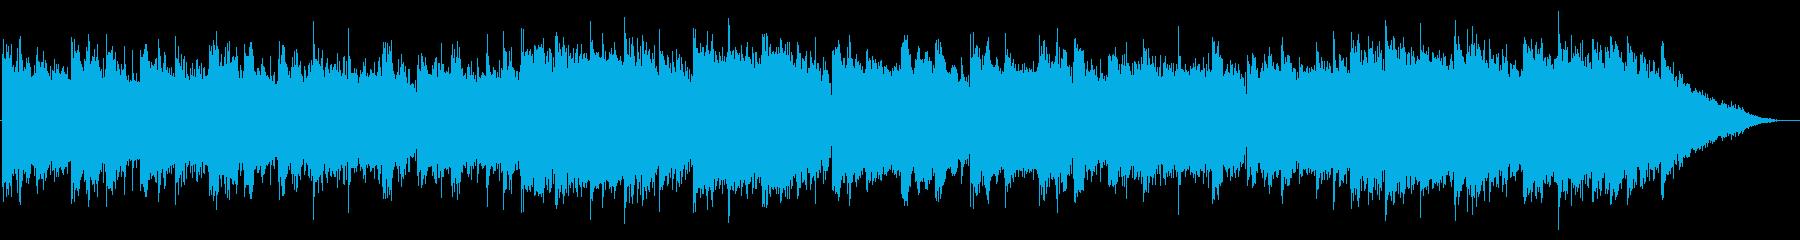 さくらさくらのような和楽器を使った曲の再生済みの波形